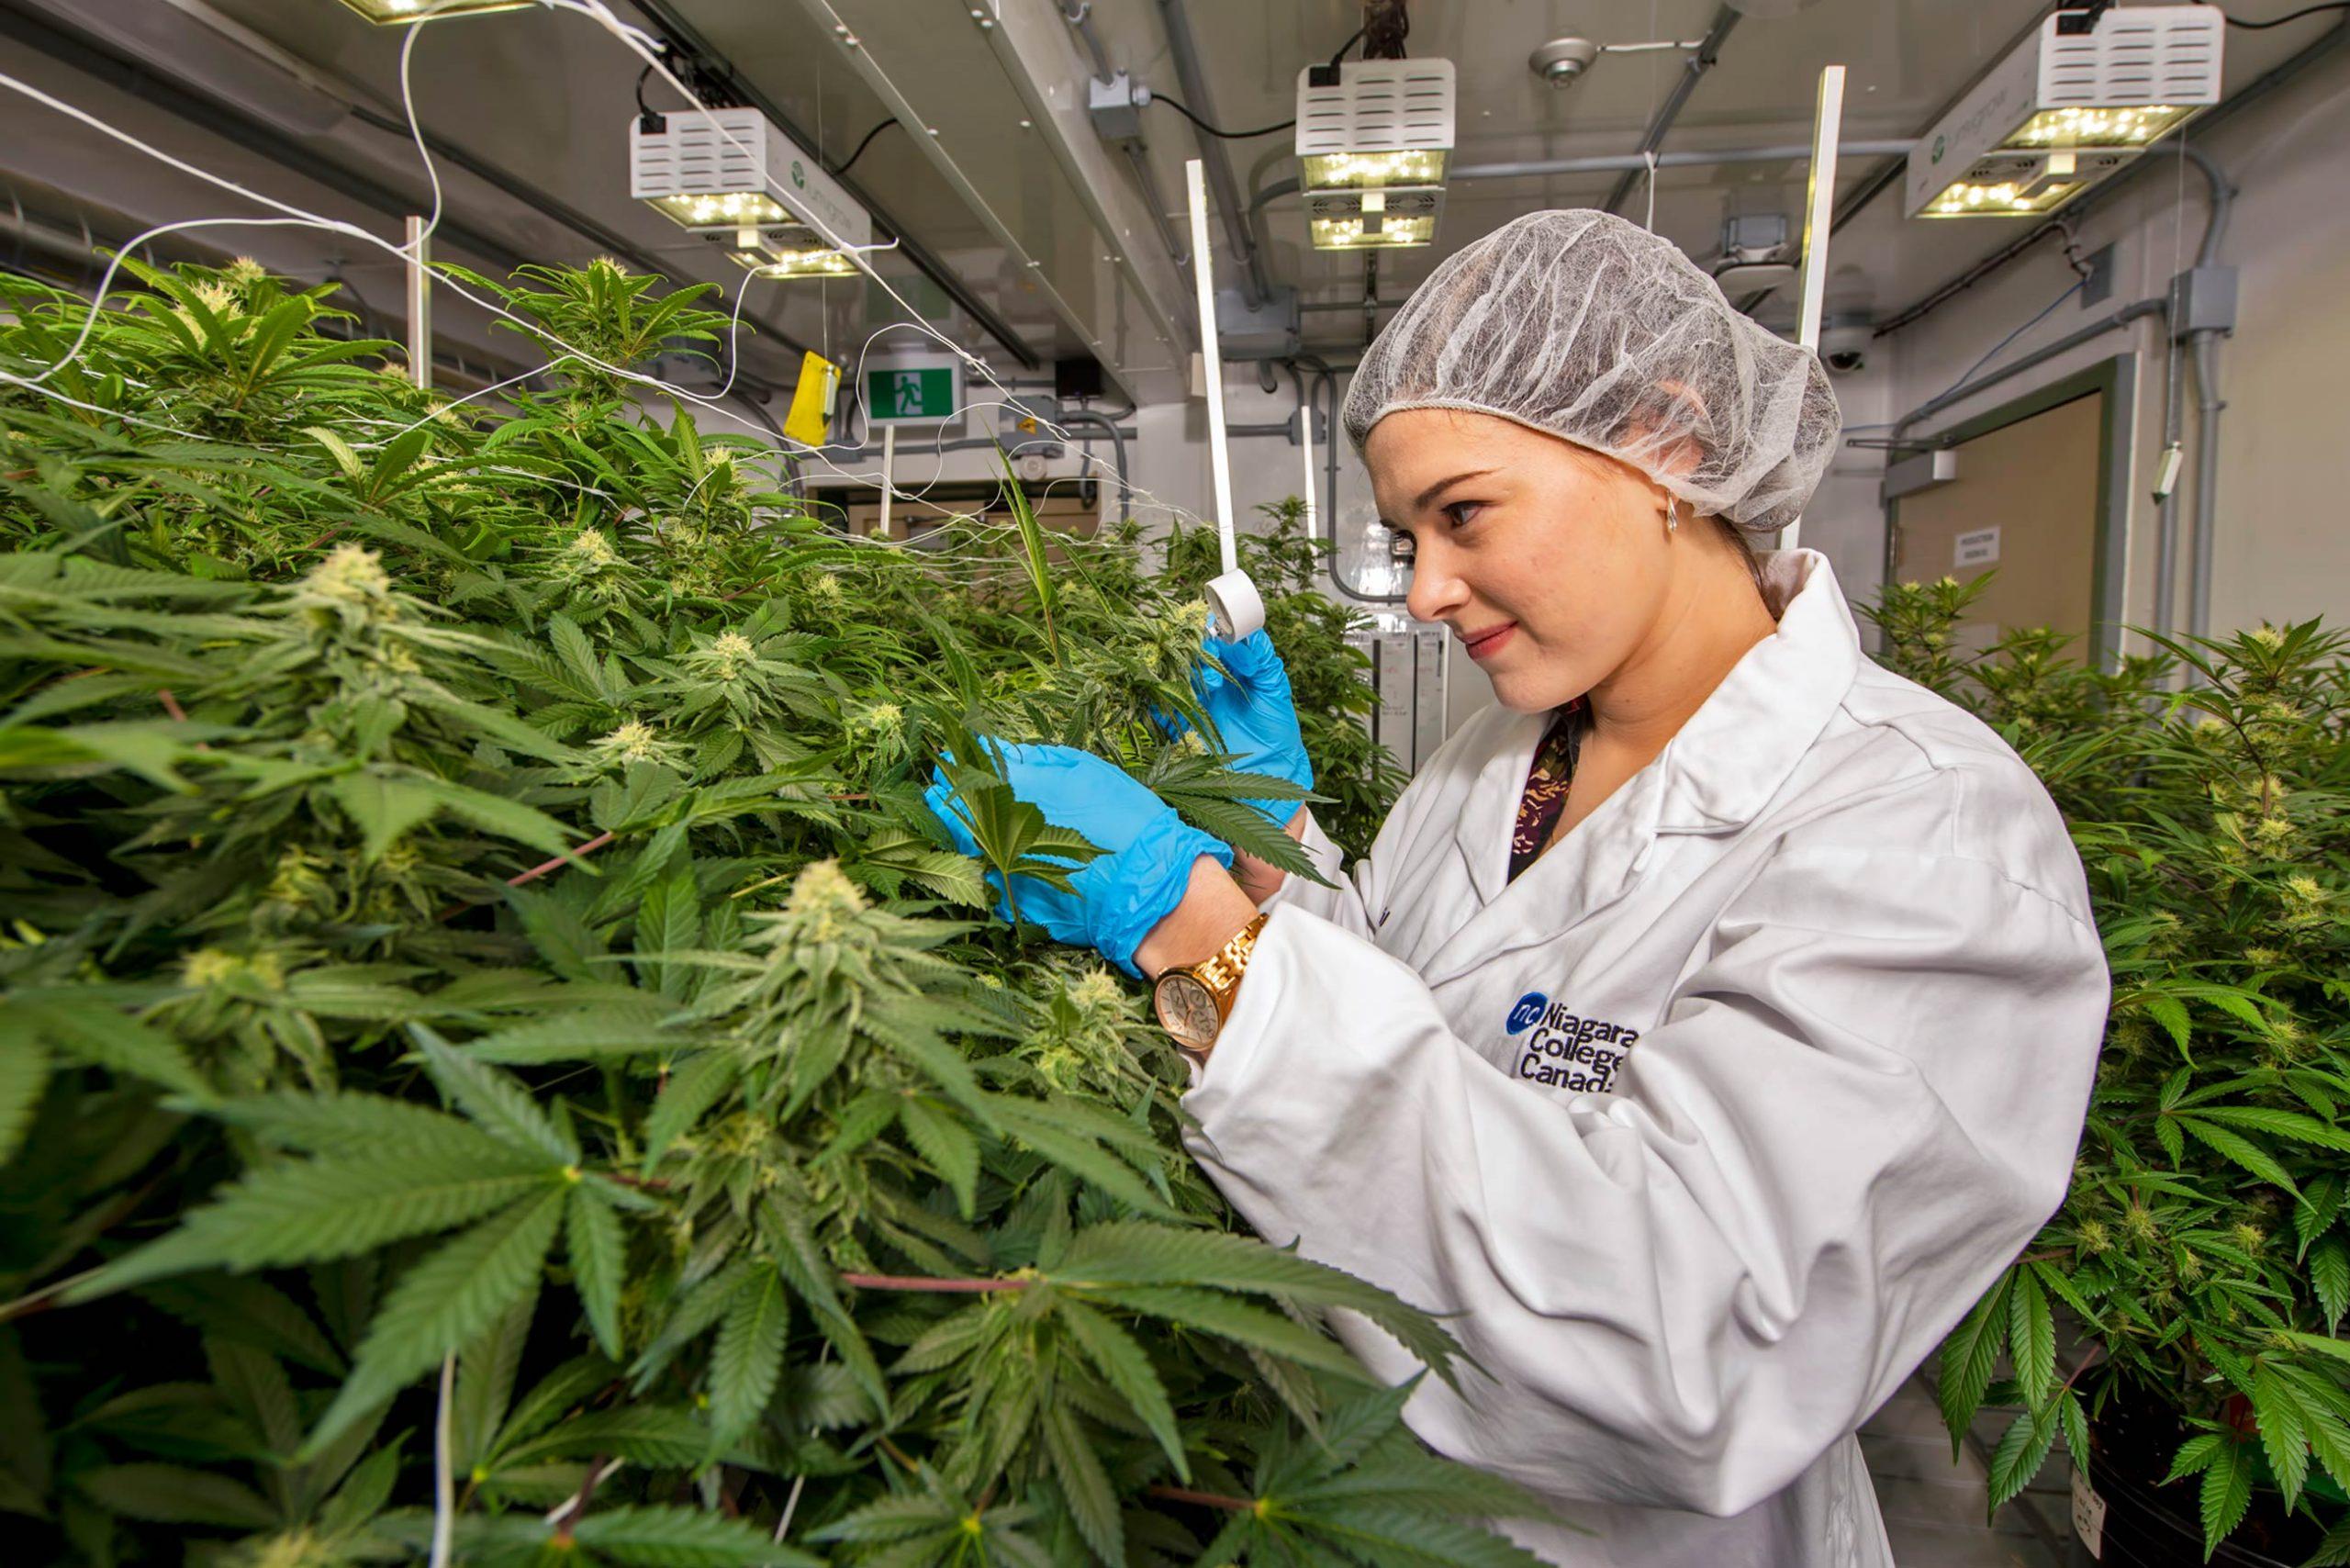 Canabisul este legalizat în SUA, în scop medicinal